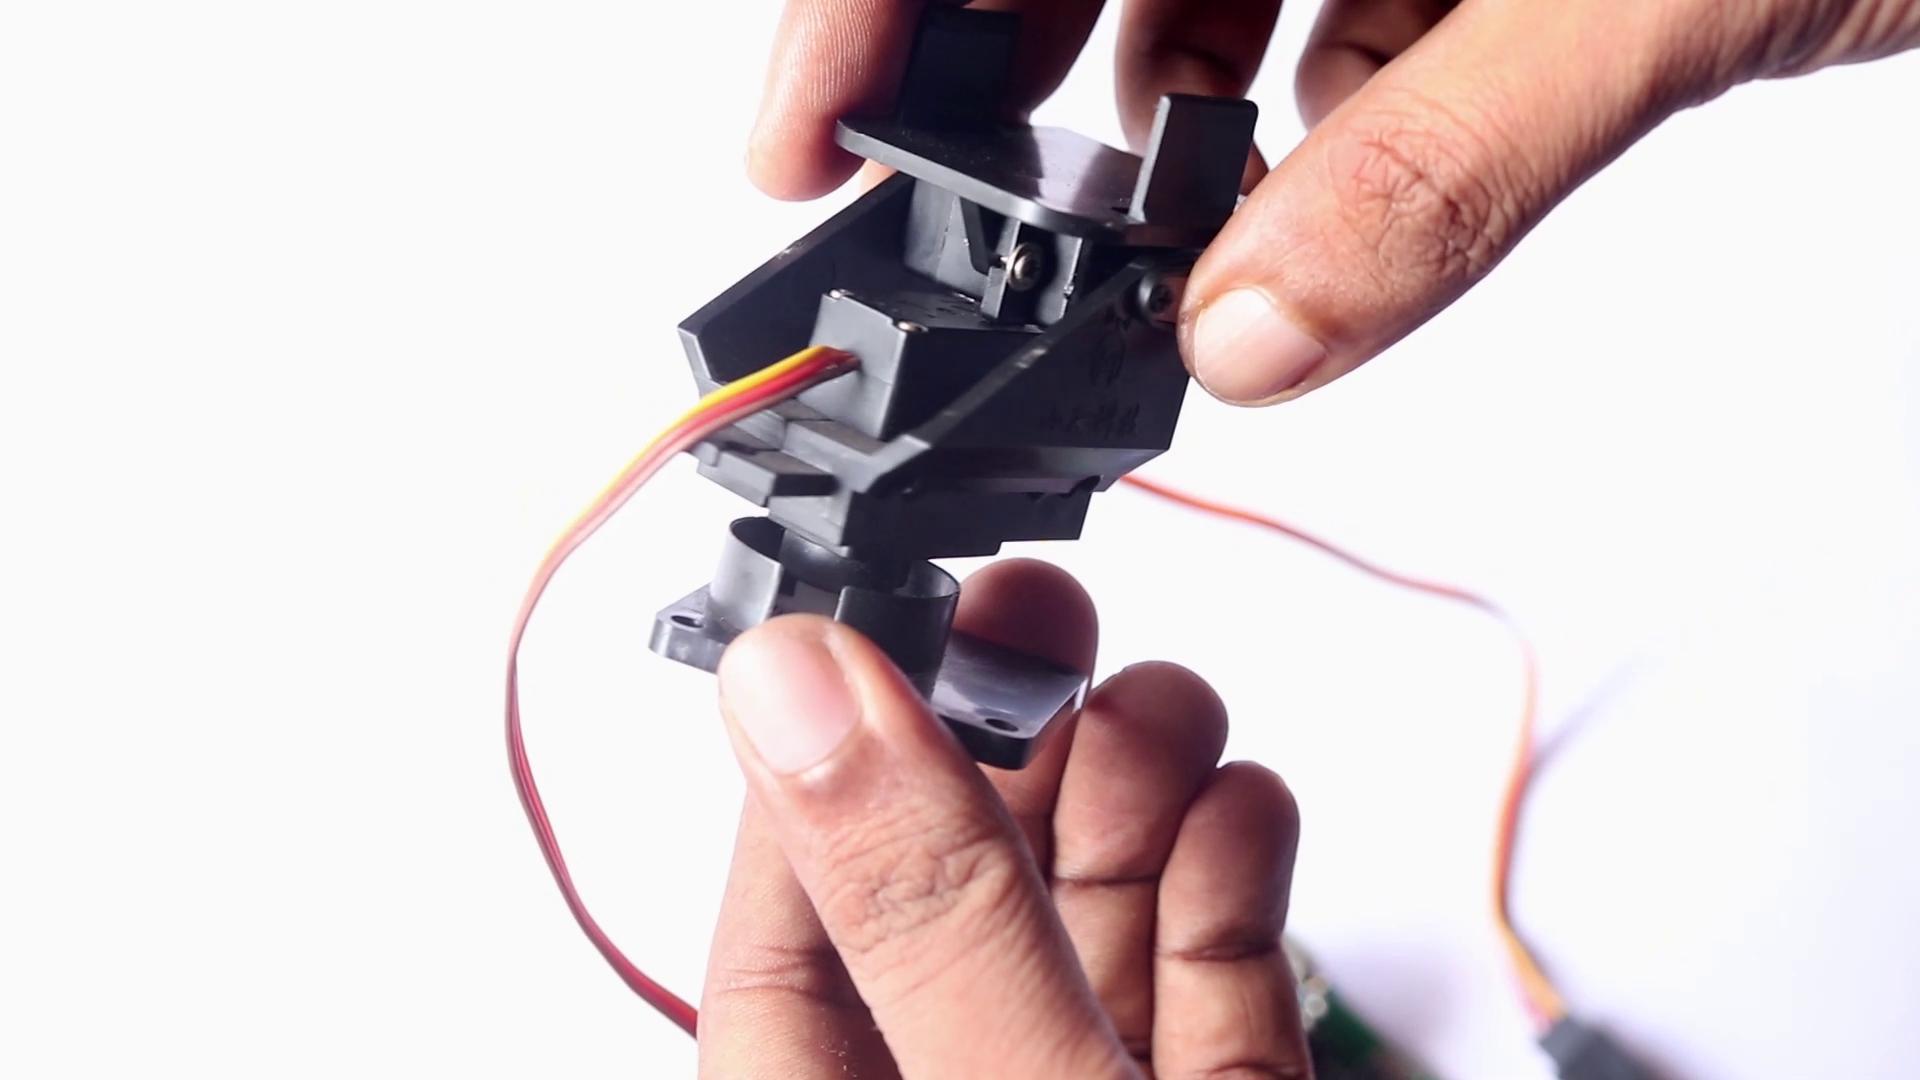 Rocket Holder for DIY Rocket Launcher using Arduin